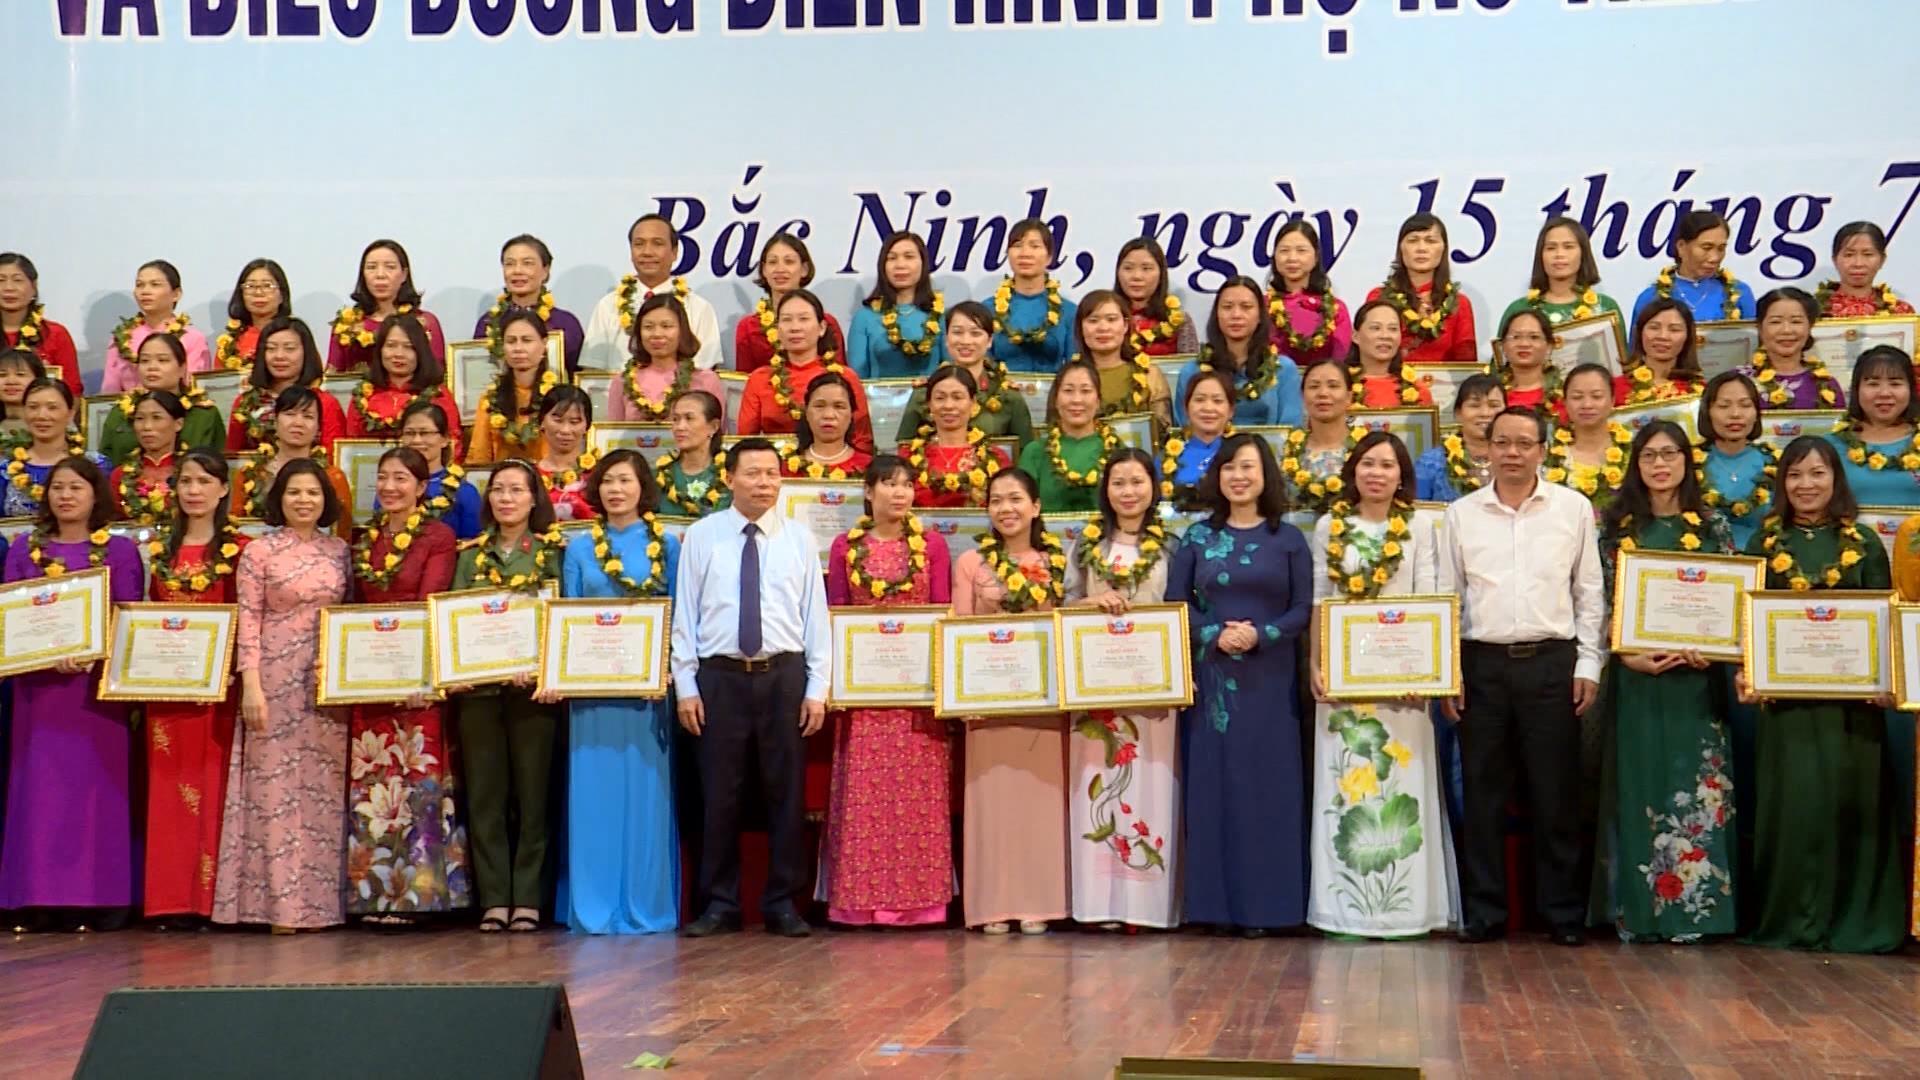 Phụ nữ Bắc Ninh năng động trong hội nhập